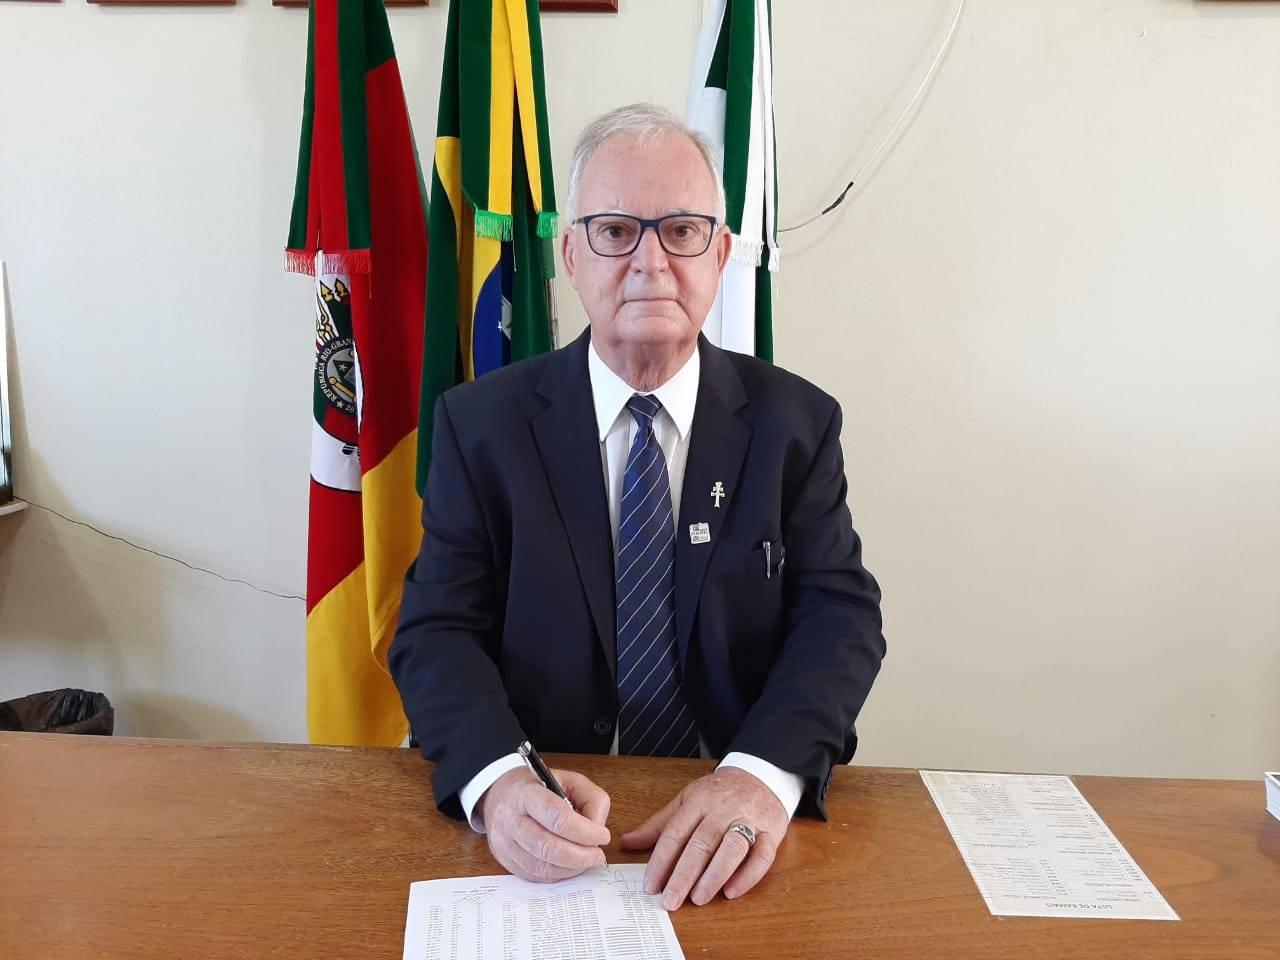 Prefeito de Bossoroca fala sobre a situação da pandemia no município